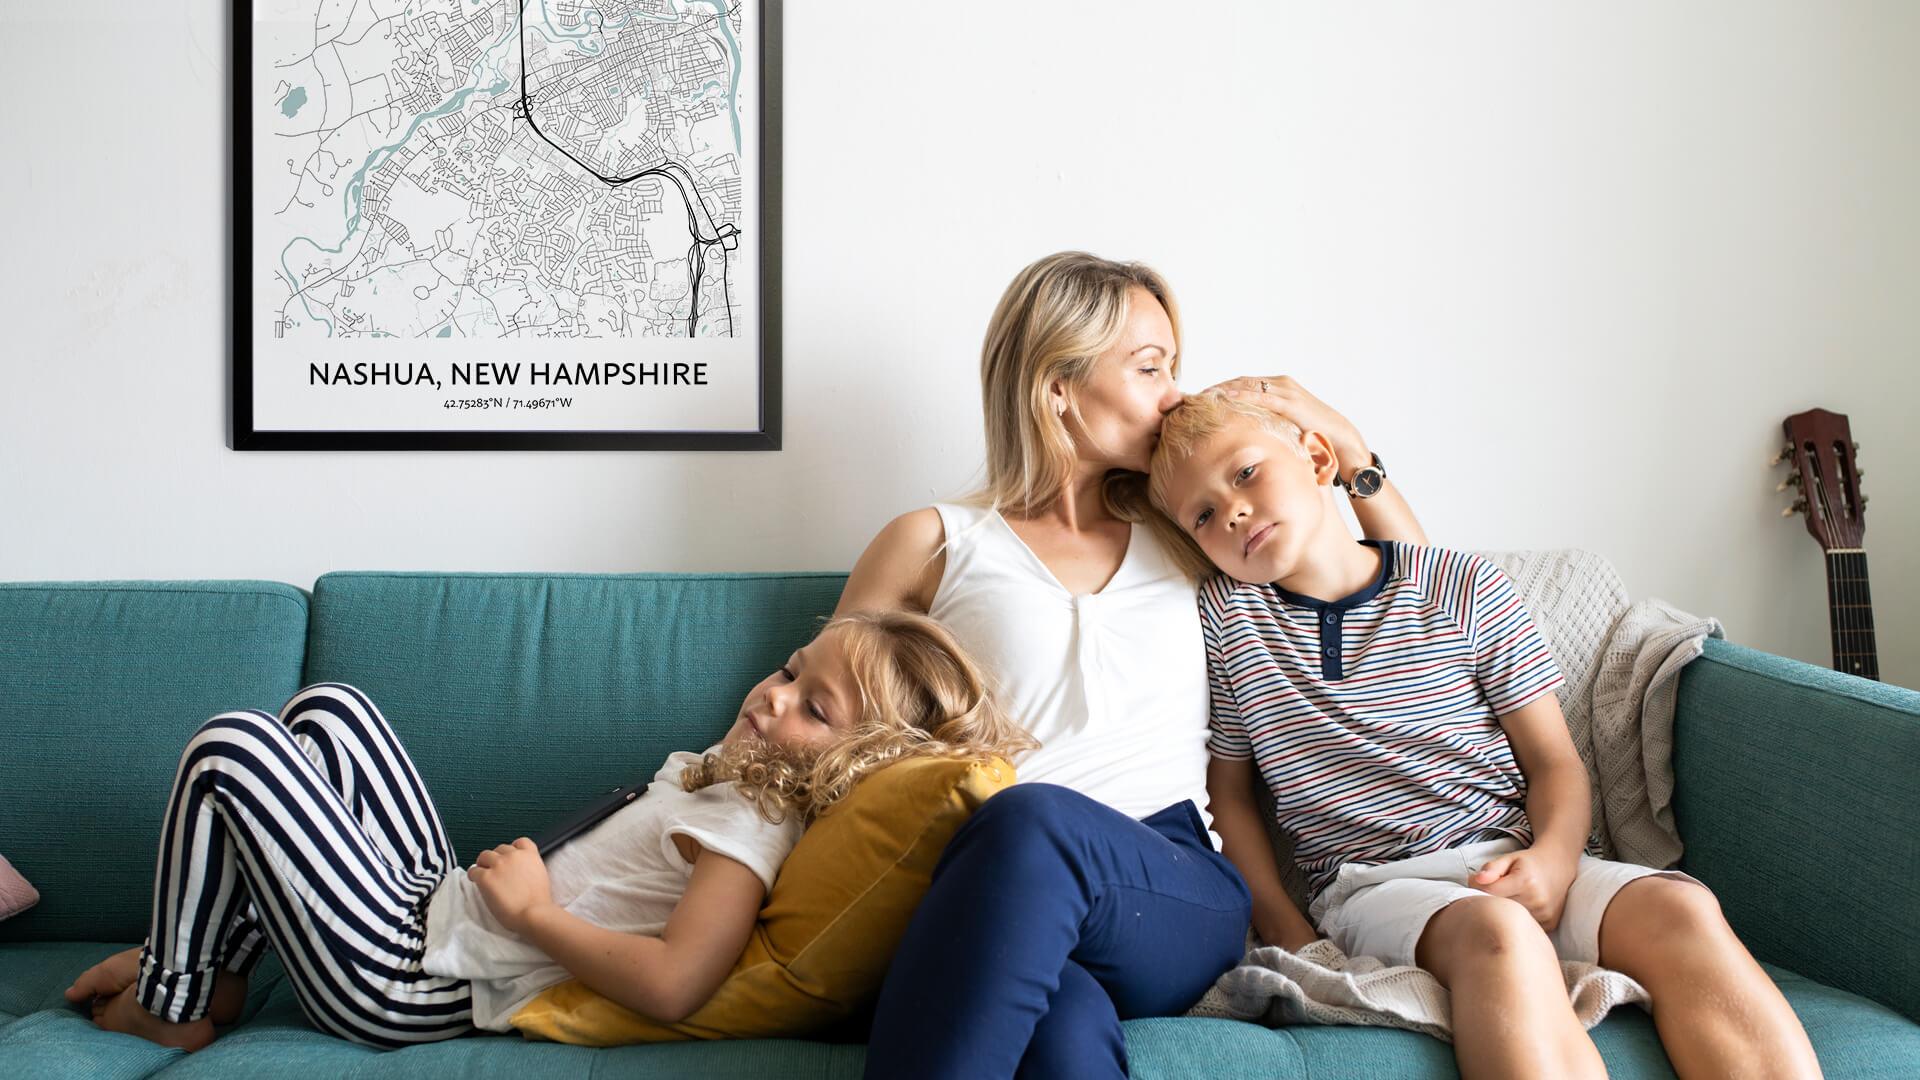 Nashua map poster